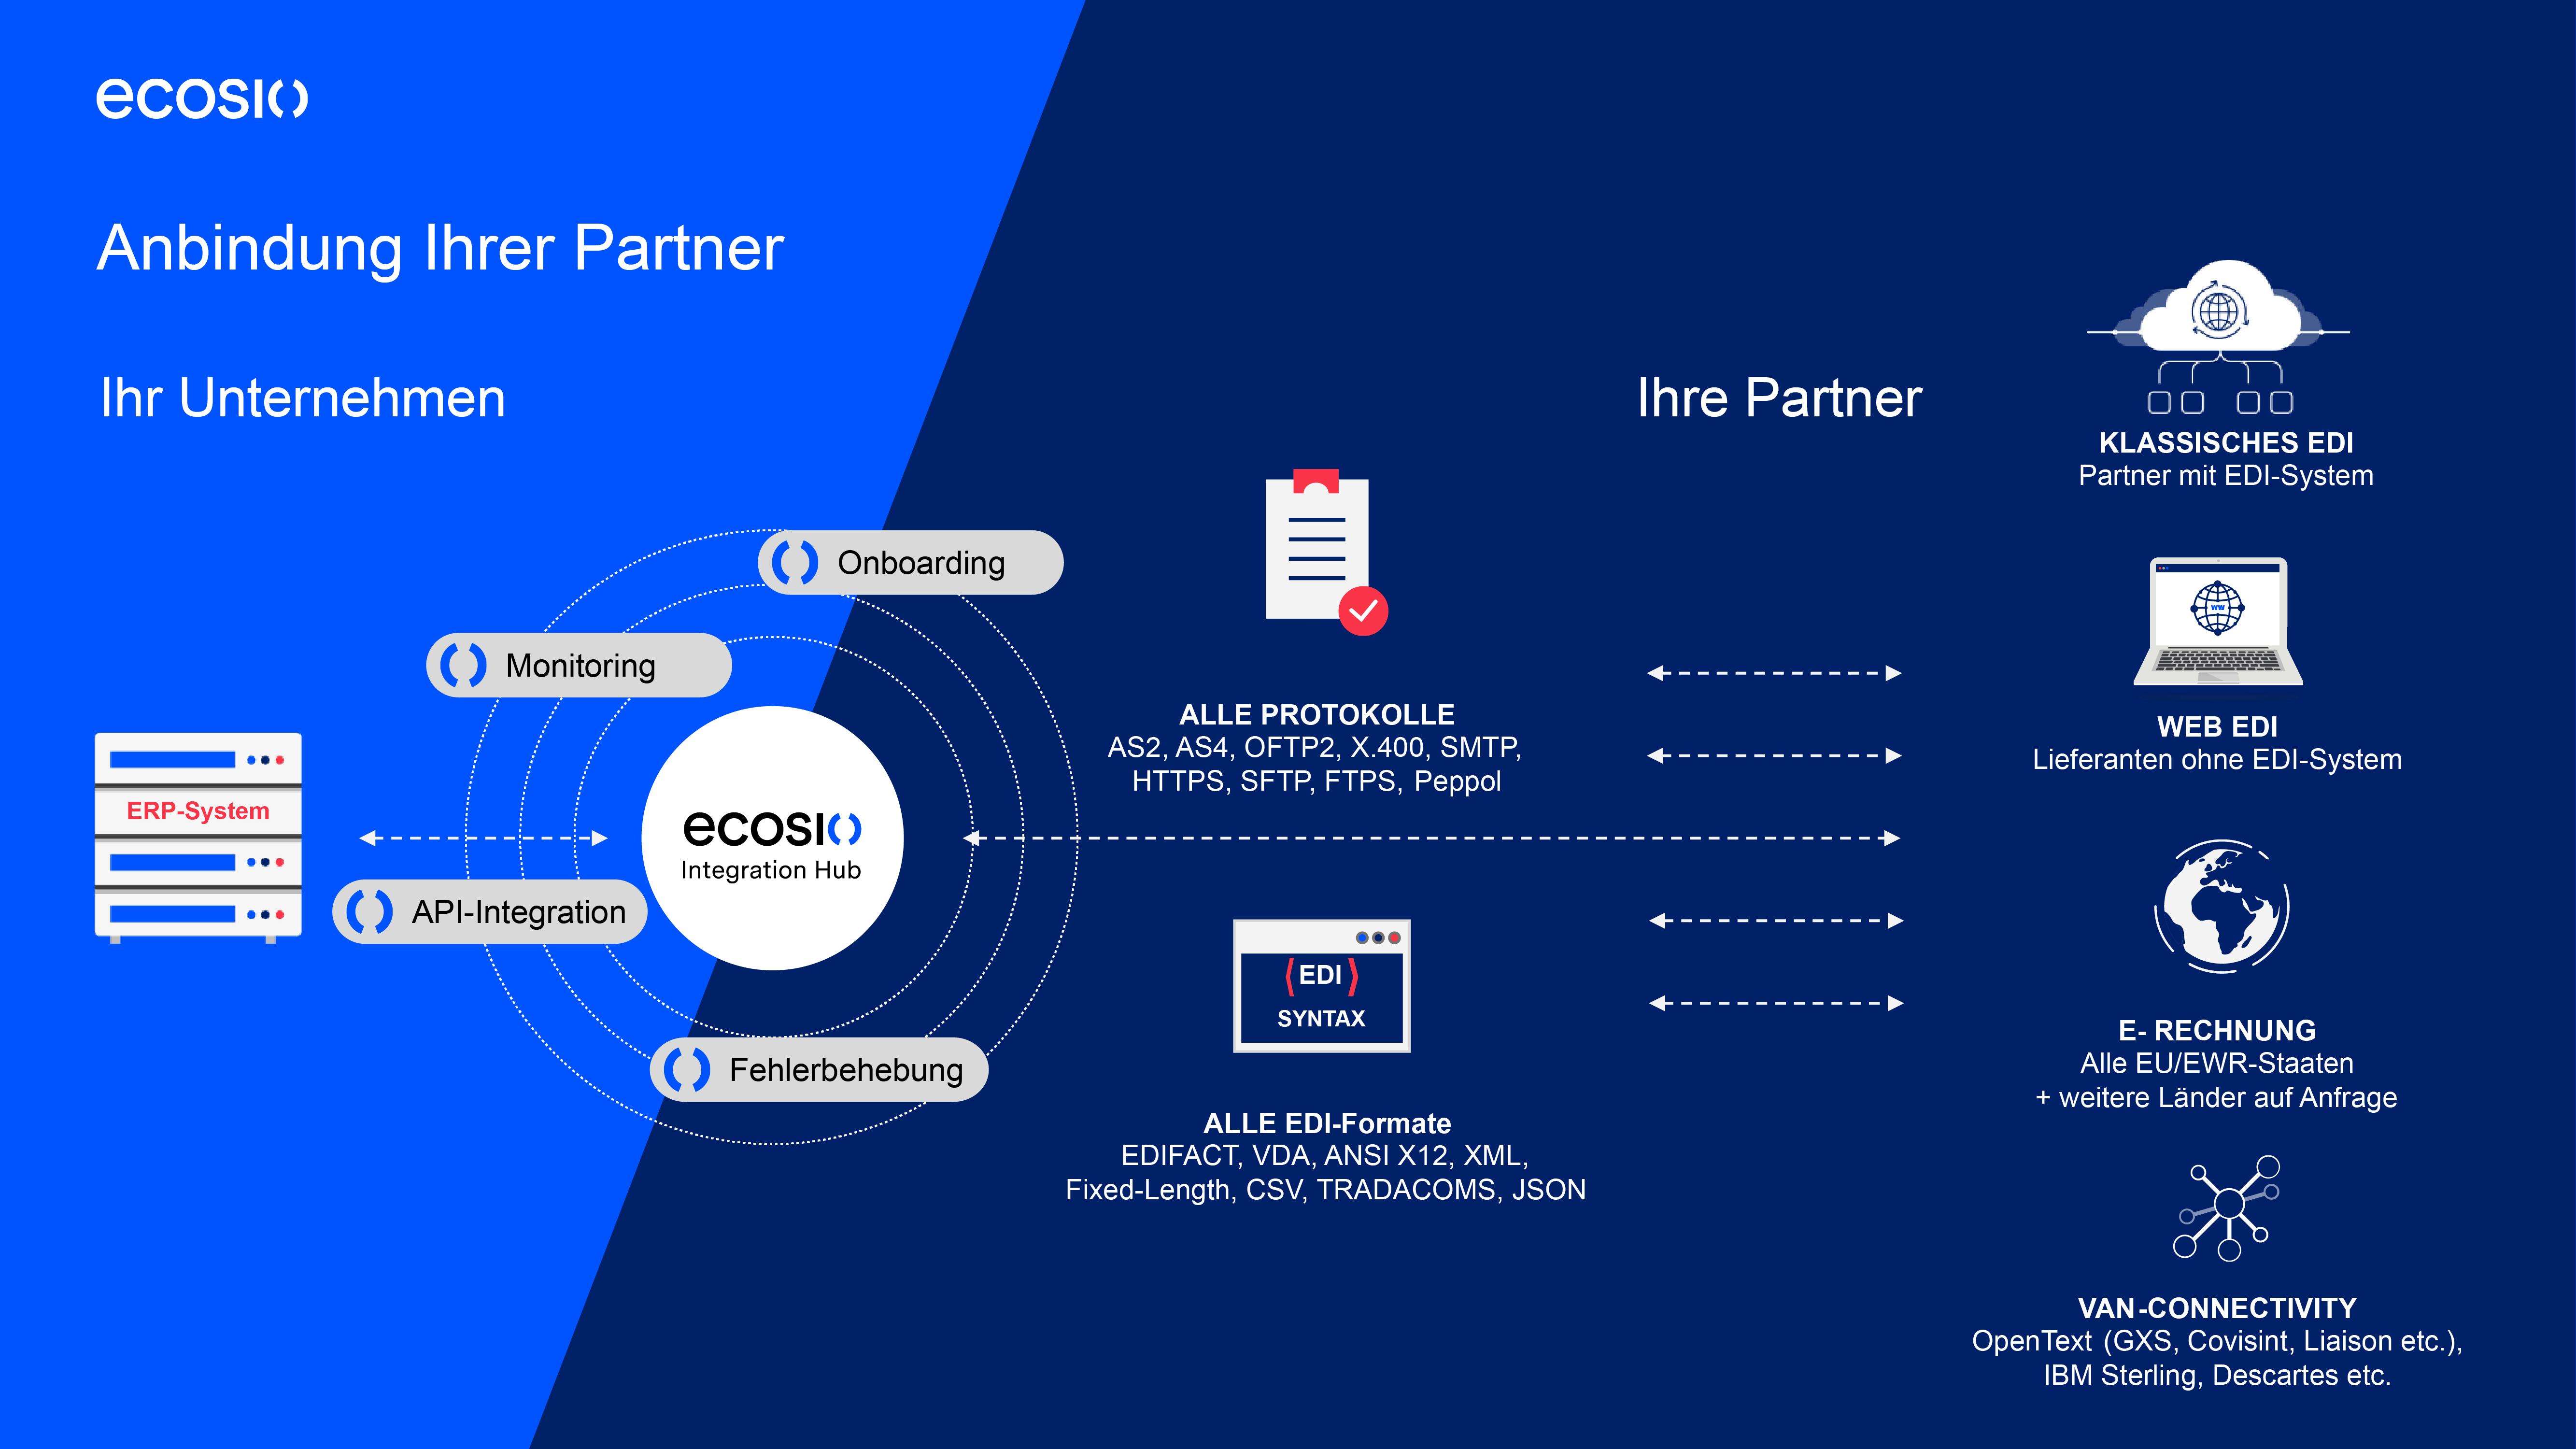 Unternehmen benötigen nur eine Verbindung zum ecosio Integration Hub